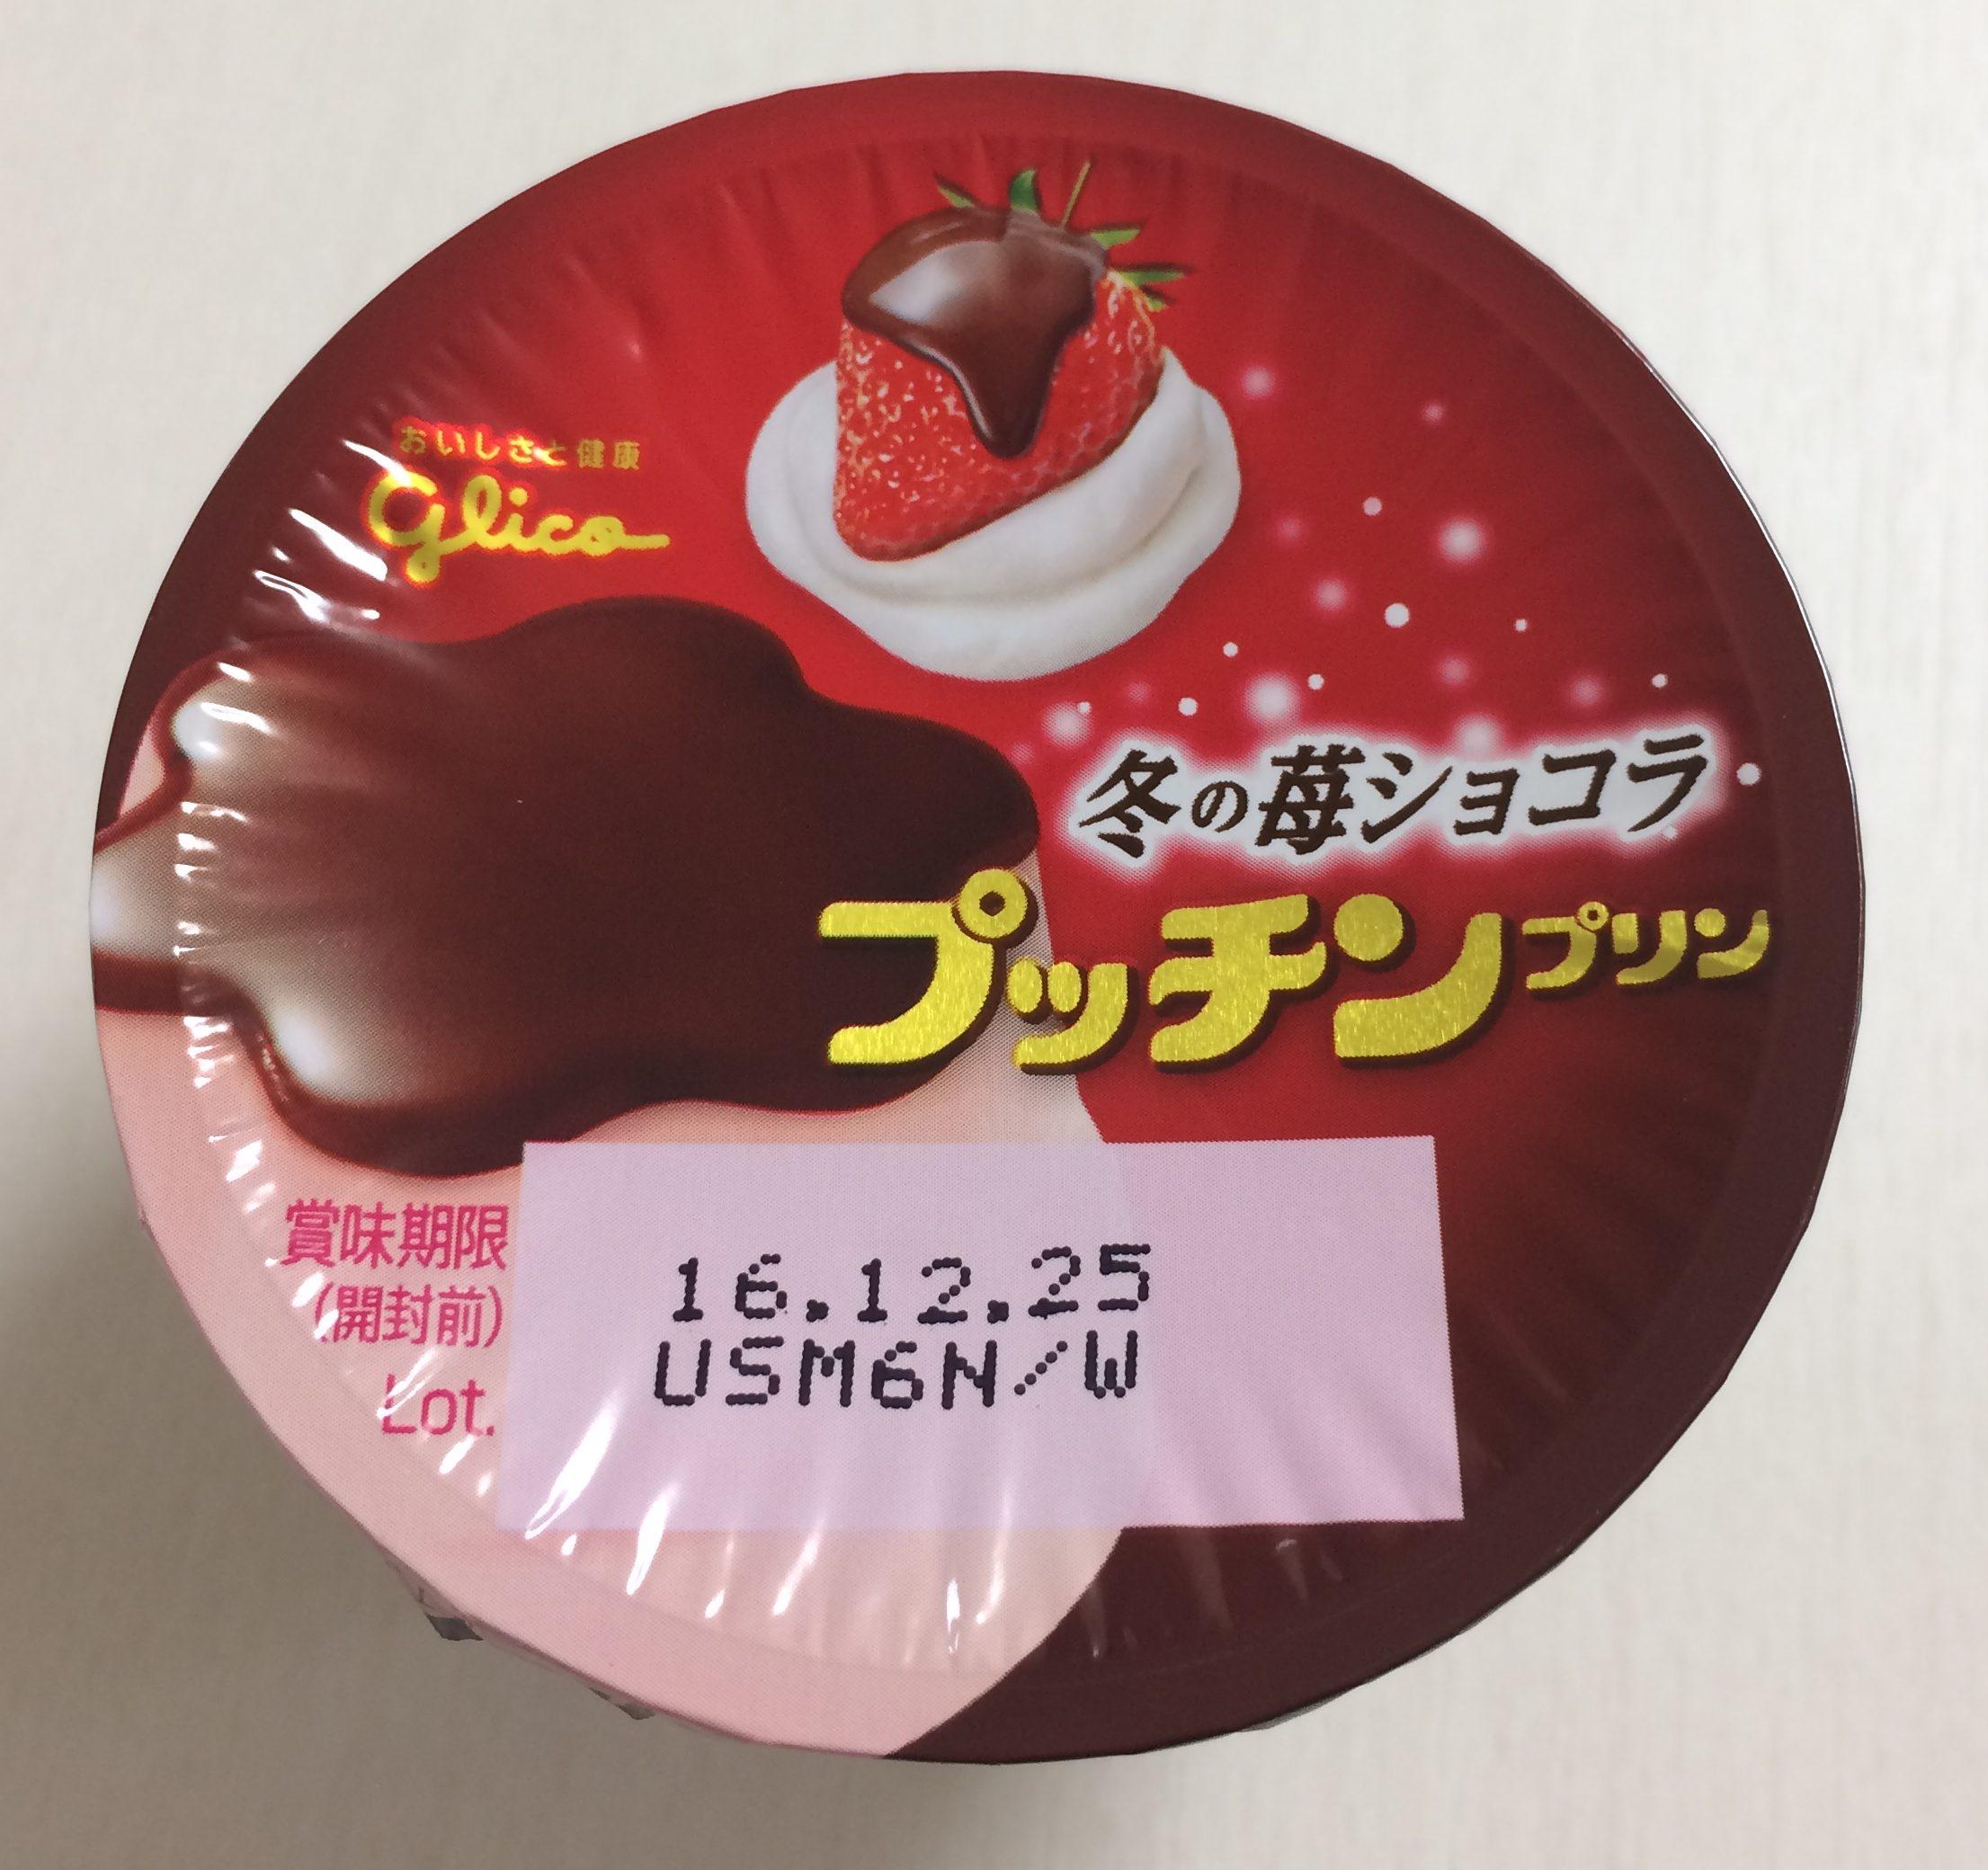 【グリコ】冬の苺ショコラ プッチンプリン 食べた感想